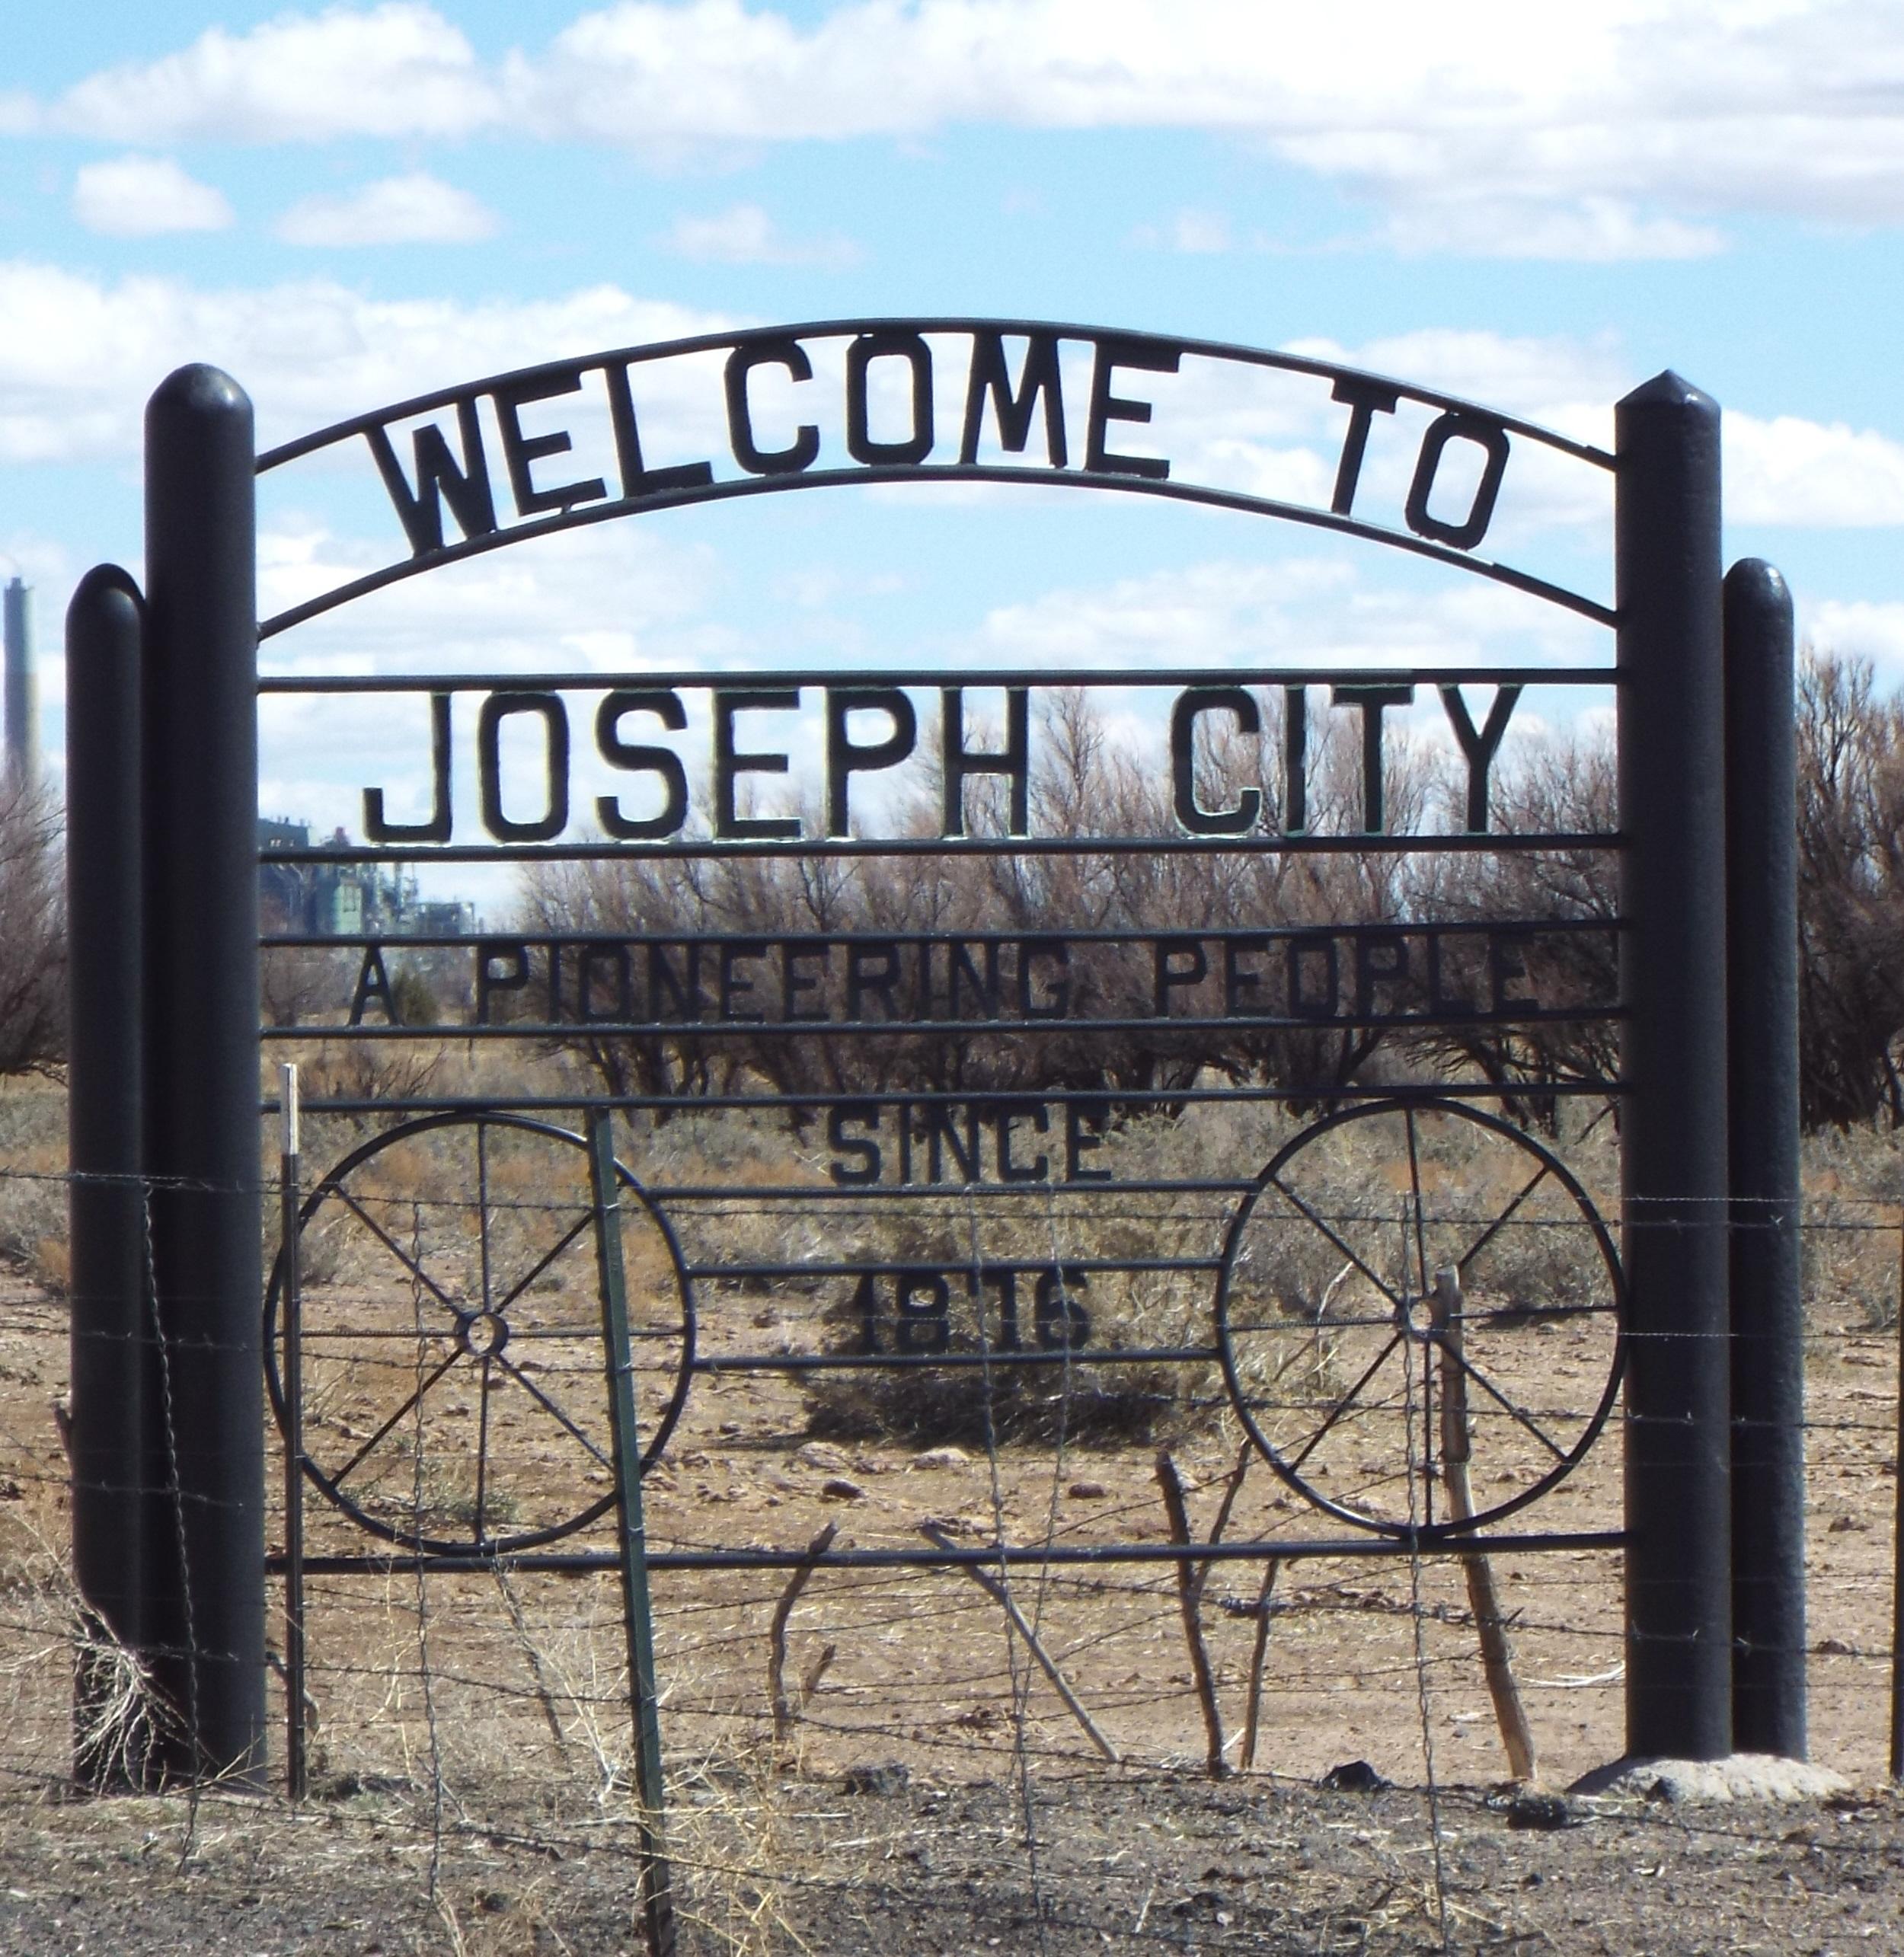 Joseph City, Arizona - Wikipedia